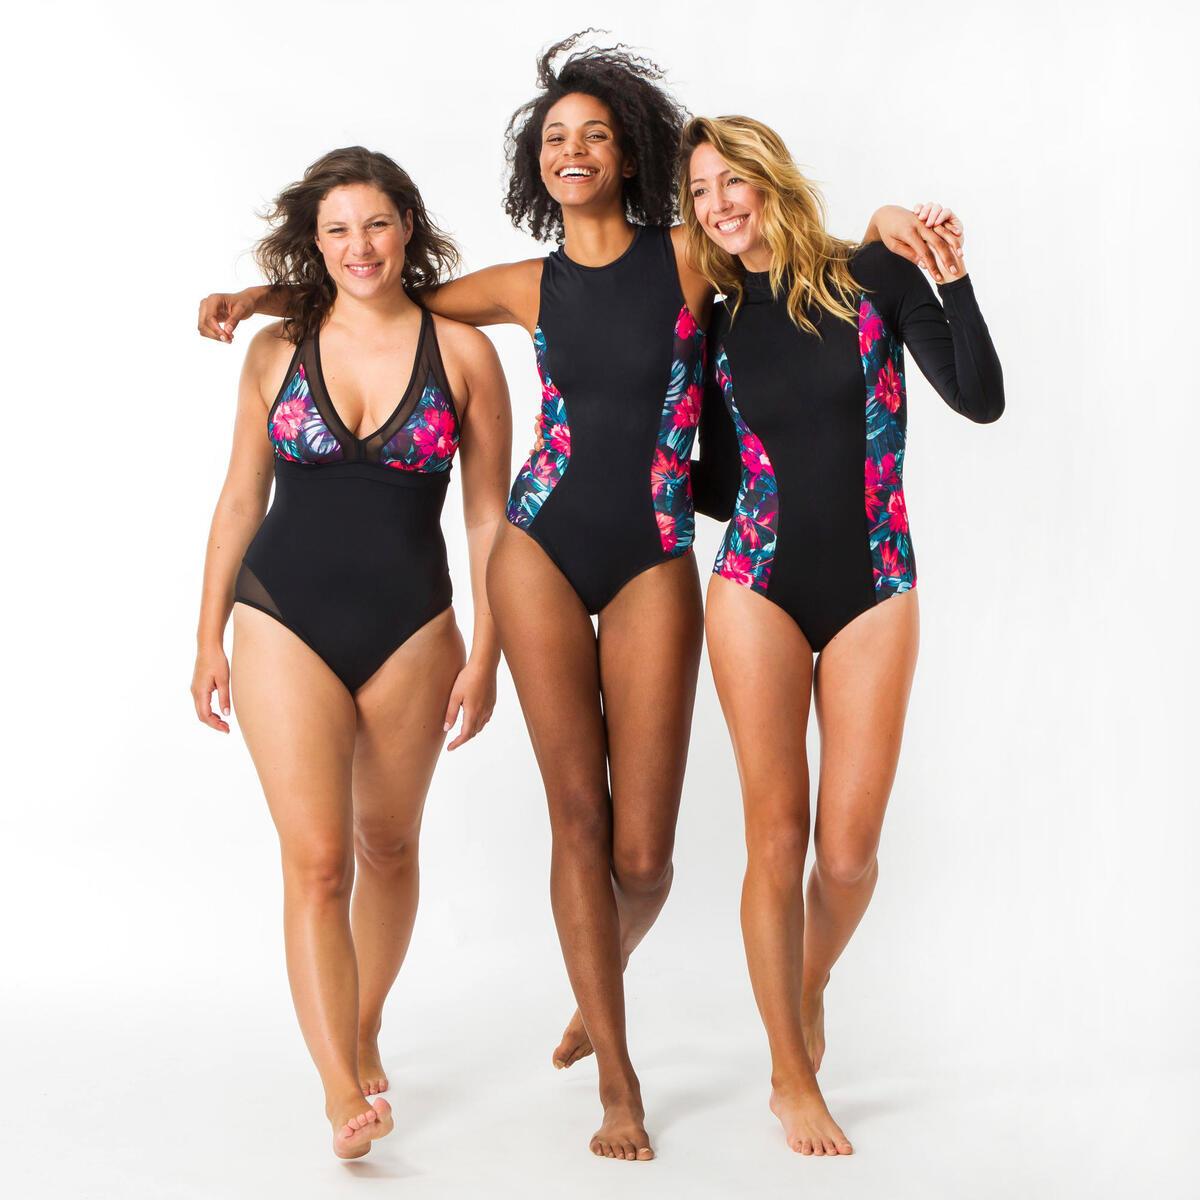 Bild 3 von Badeanzug Carla Foamy bedeckende Form mit Back Zip Damen